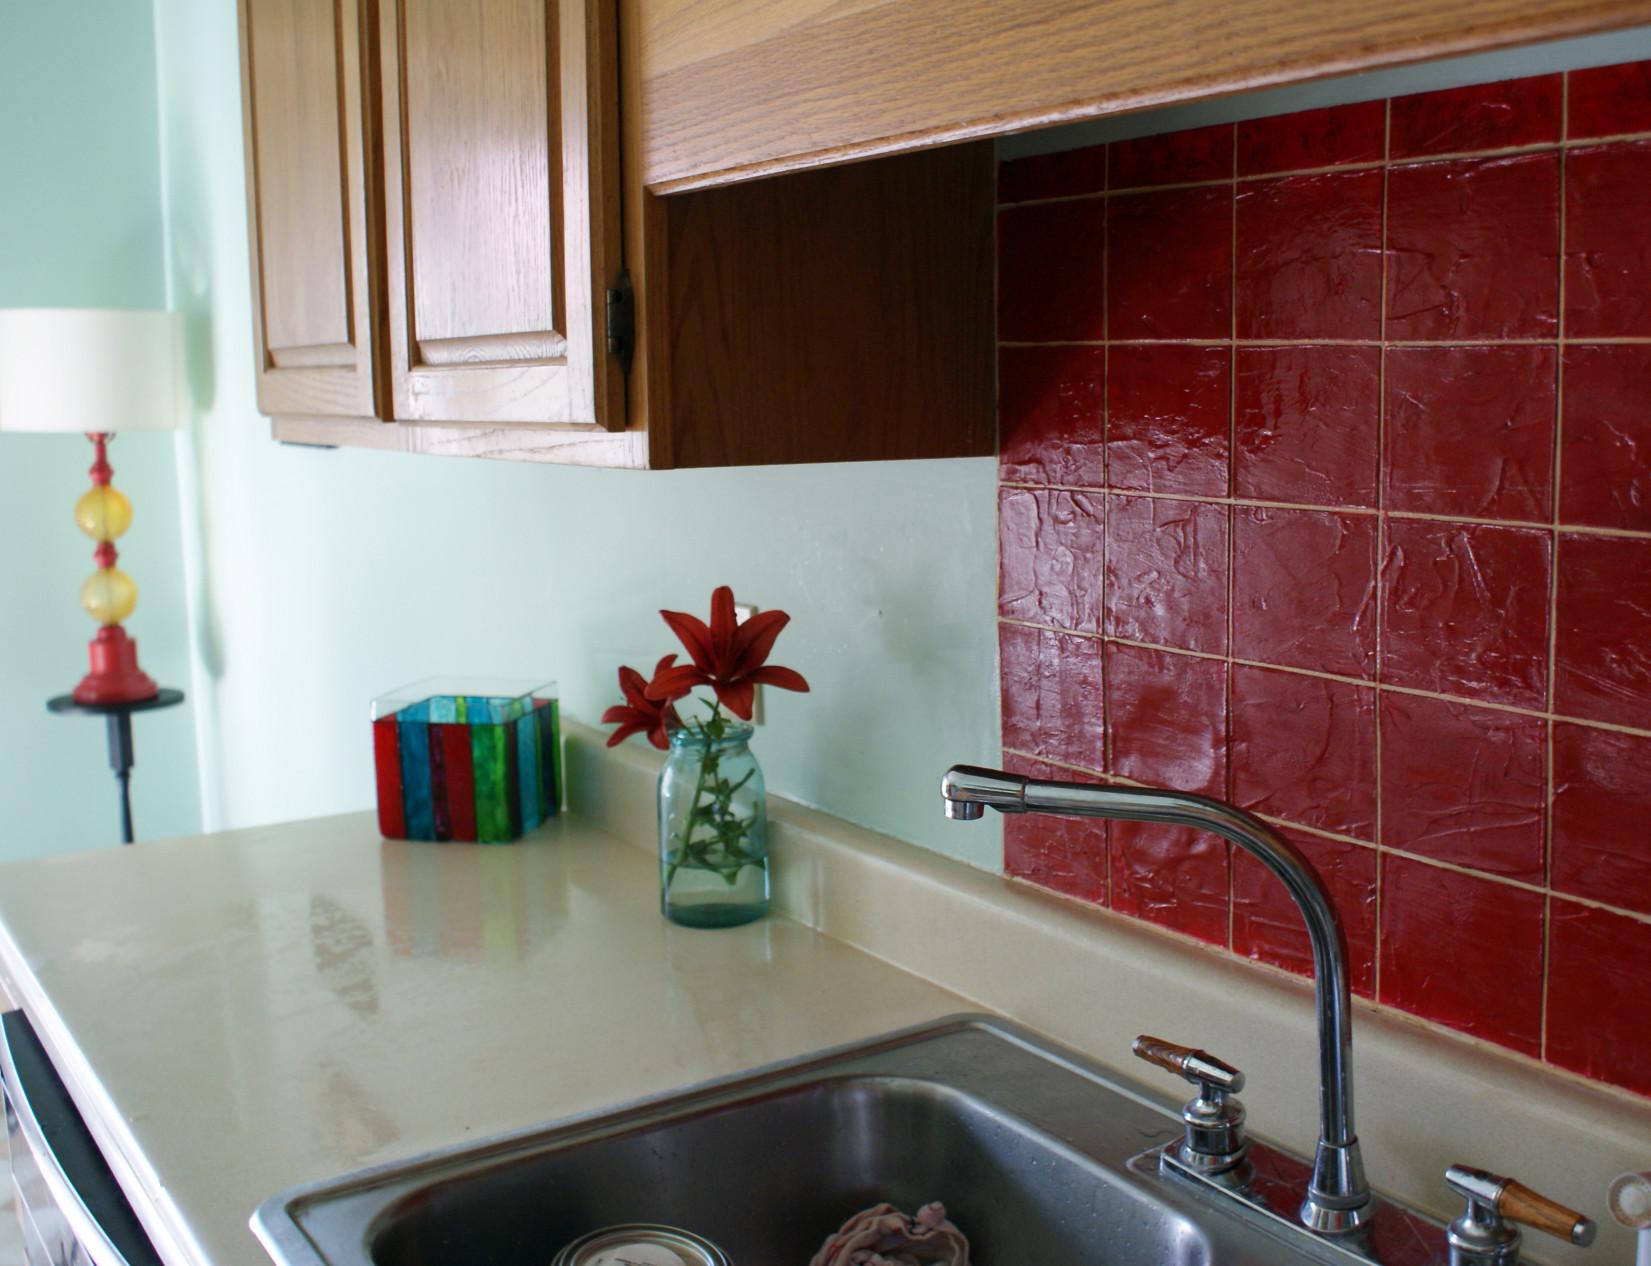 Tile Kitchen Backsplash  Faux Tile Kitchen Backsplash